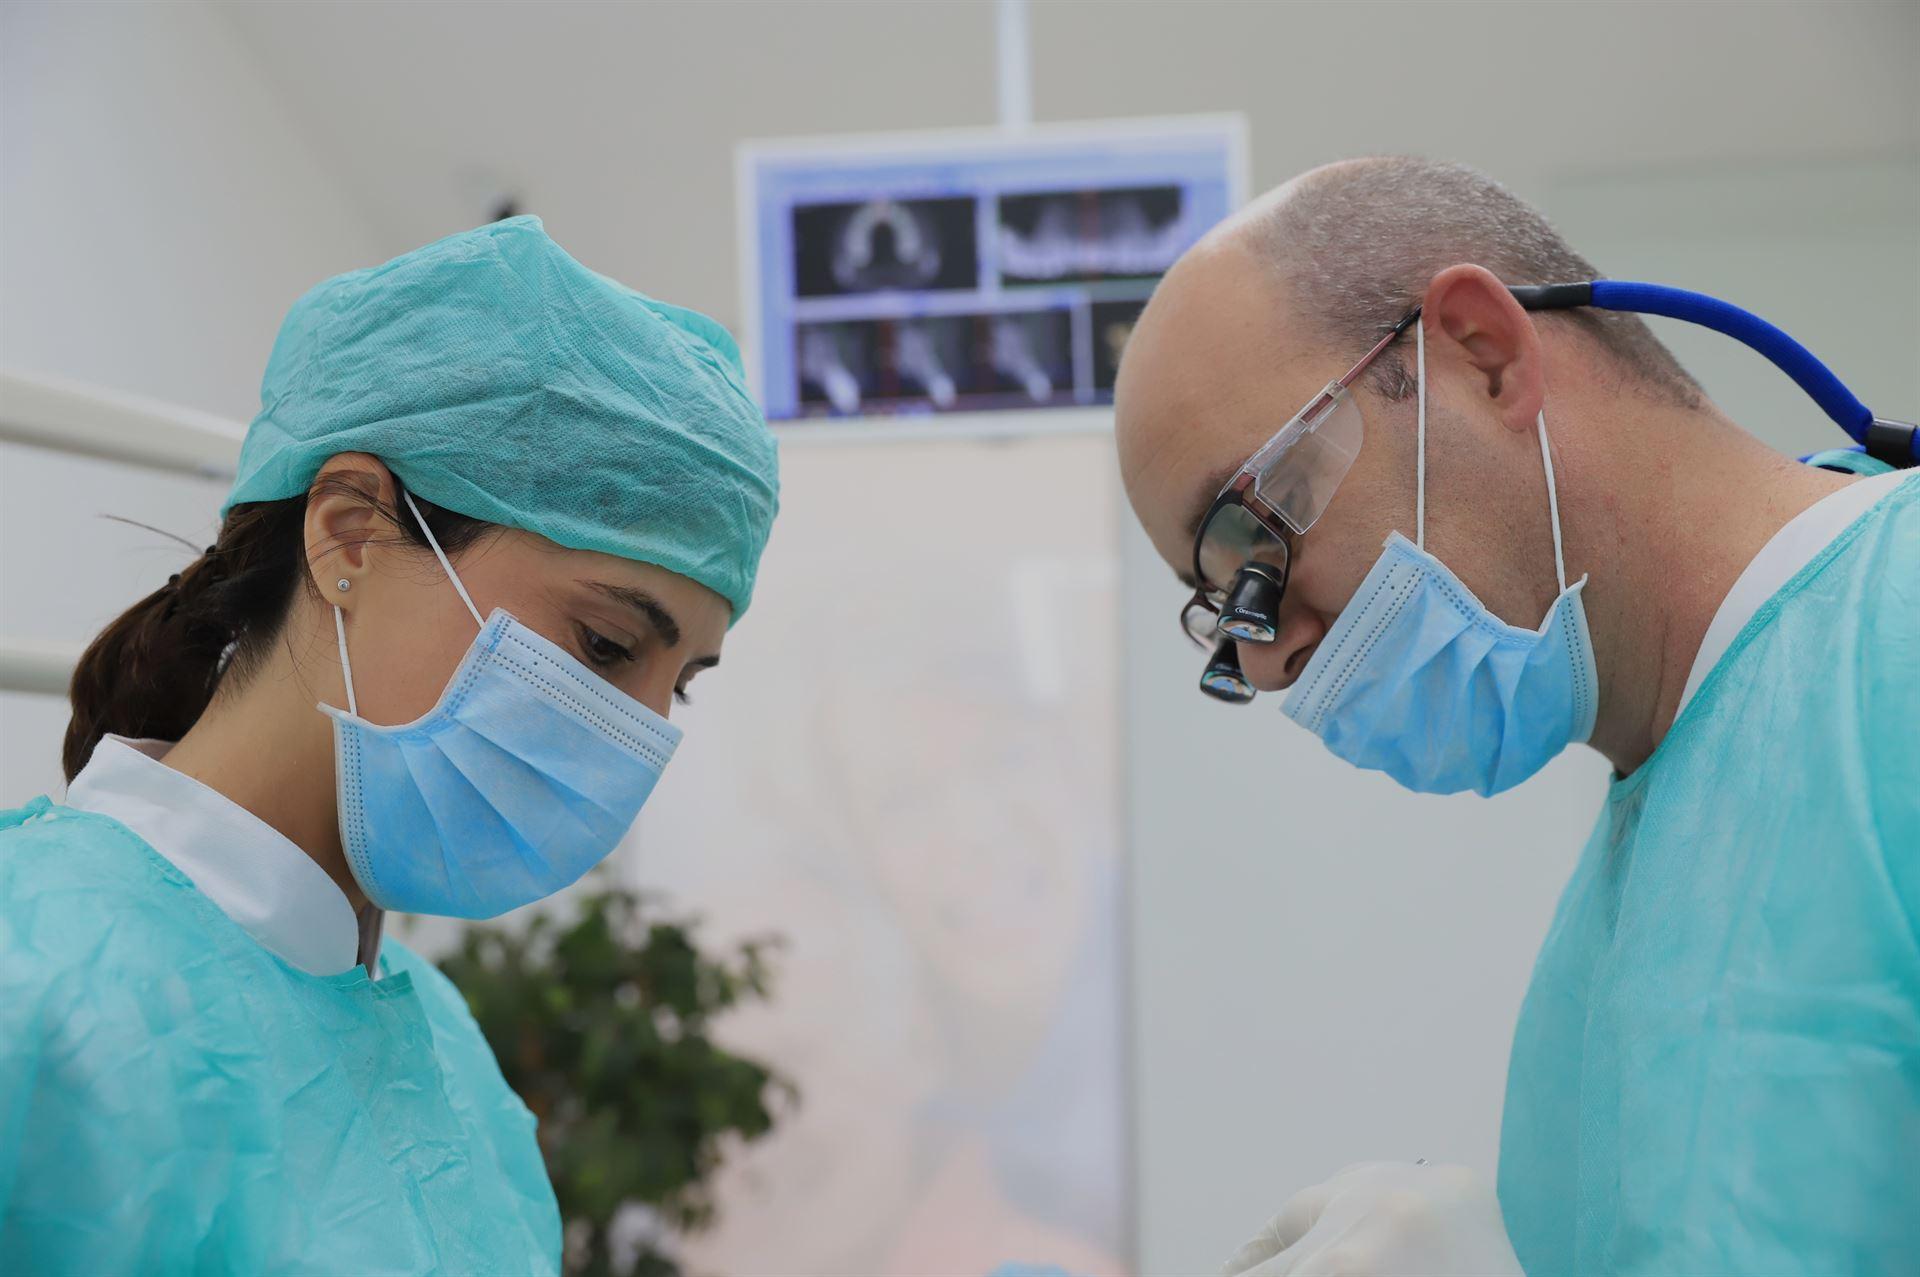 Somos especialistas en Implantología